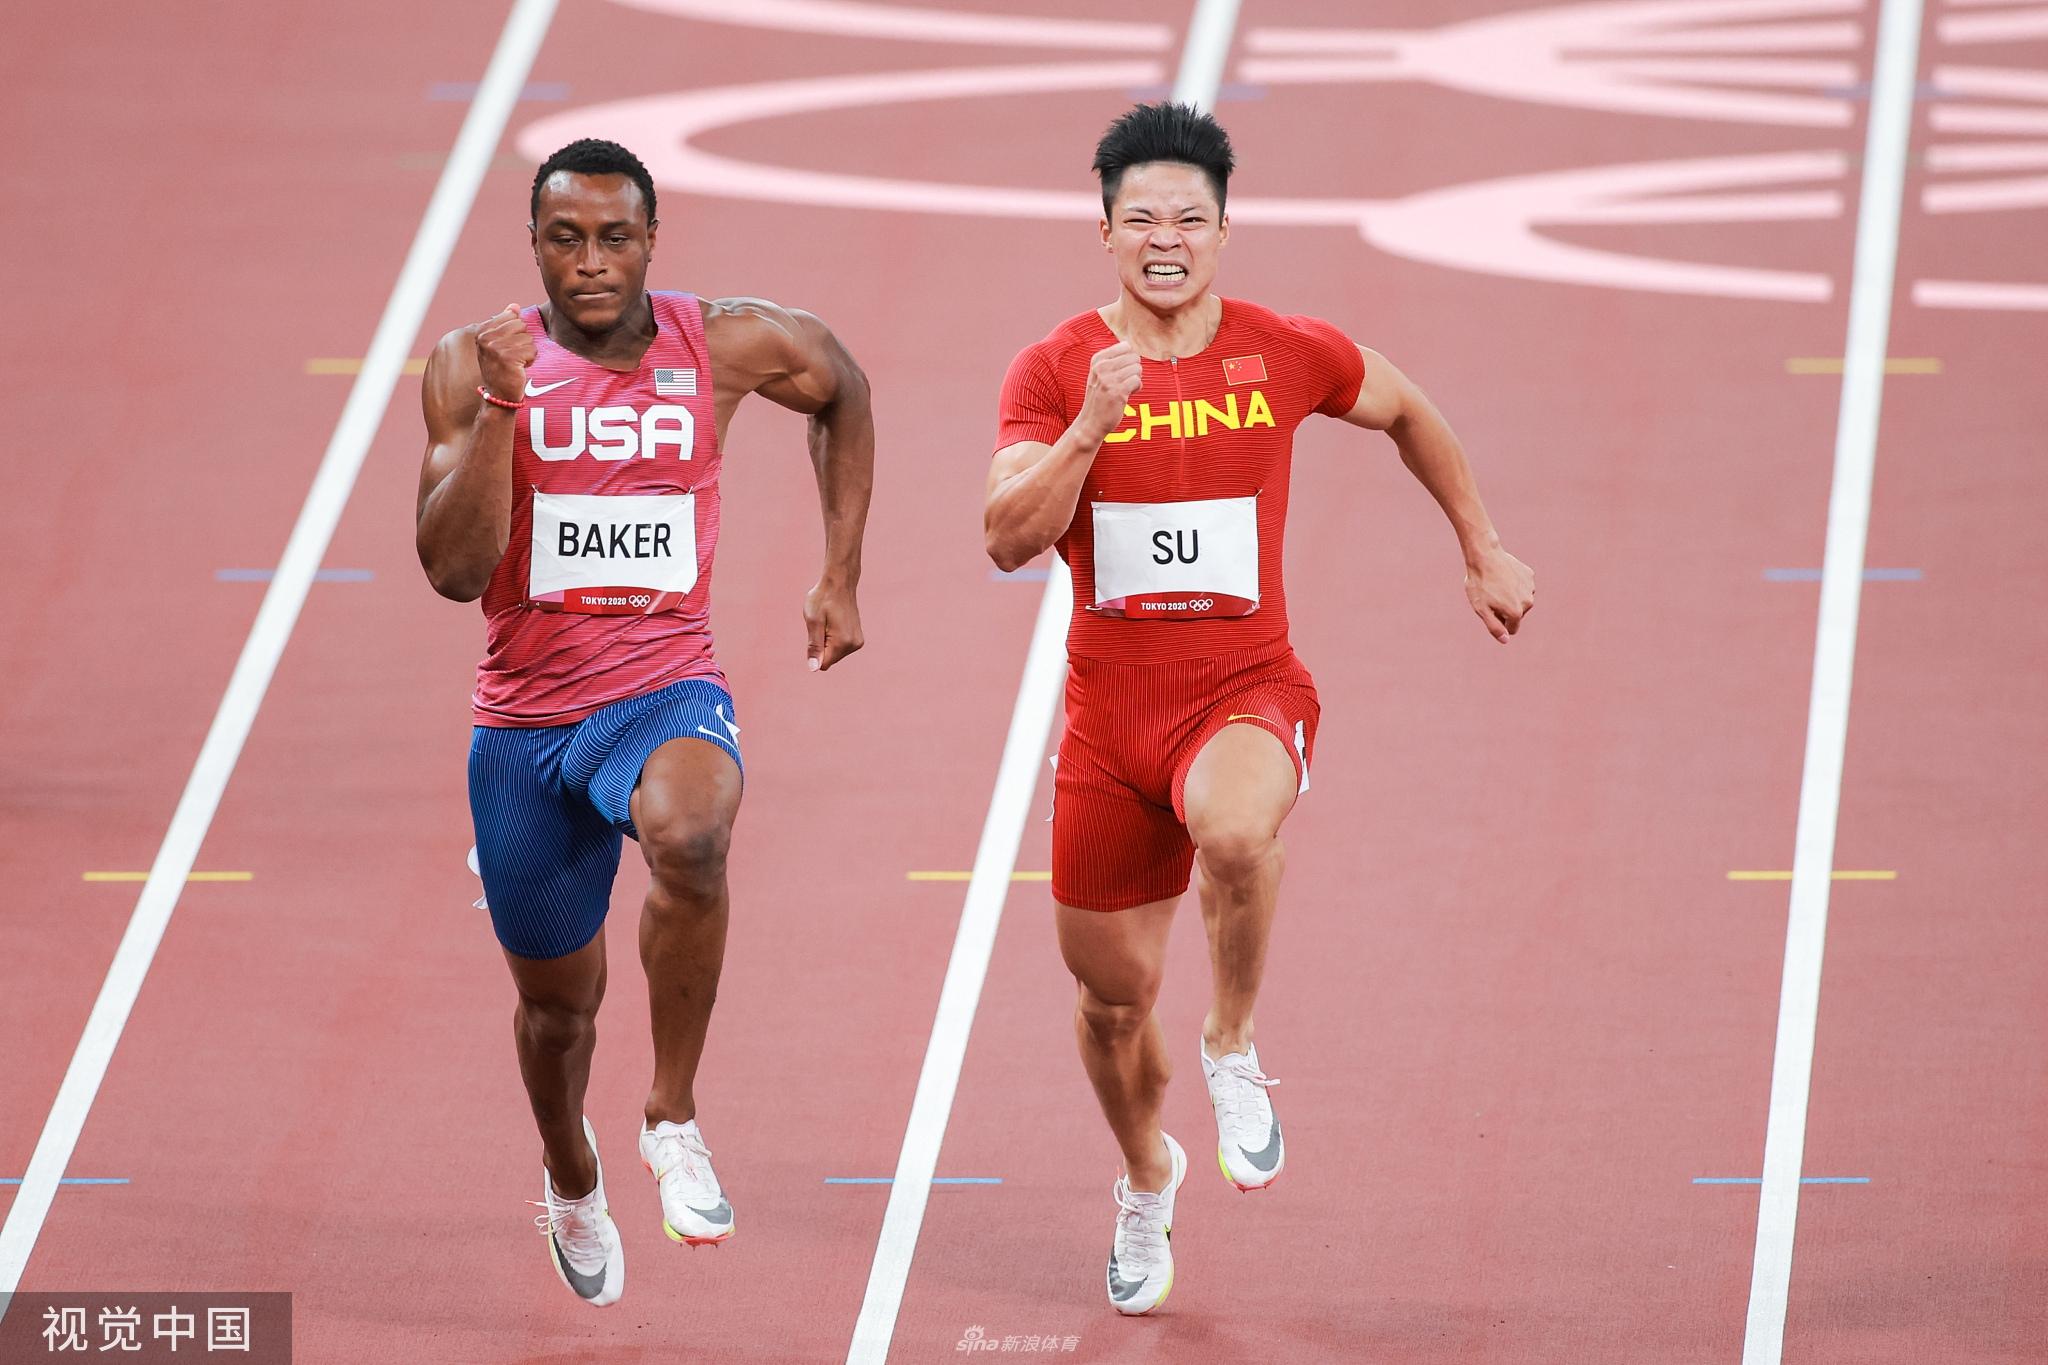 奥运百米飞人大战 苏炳添9秒98获得第六名